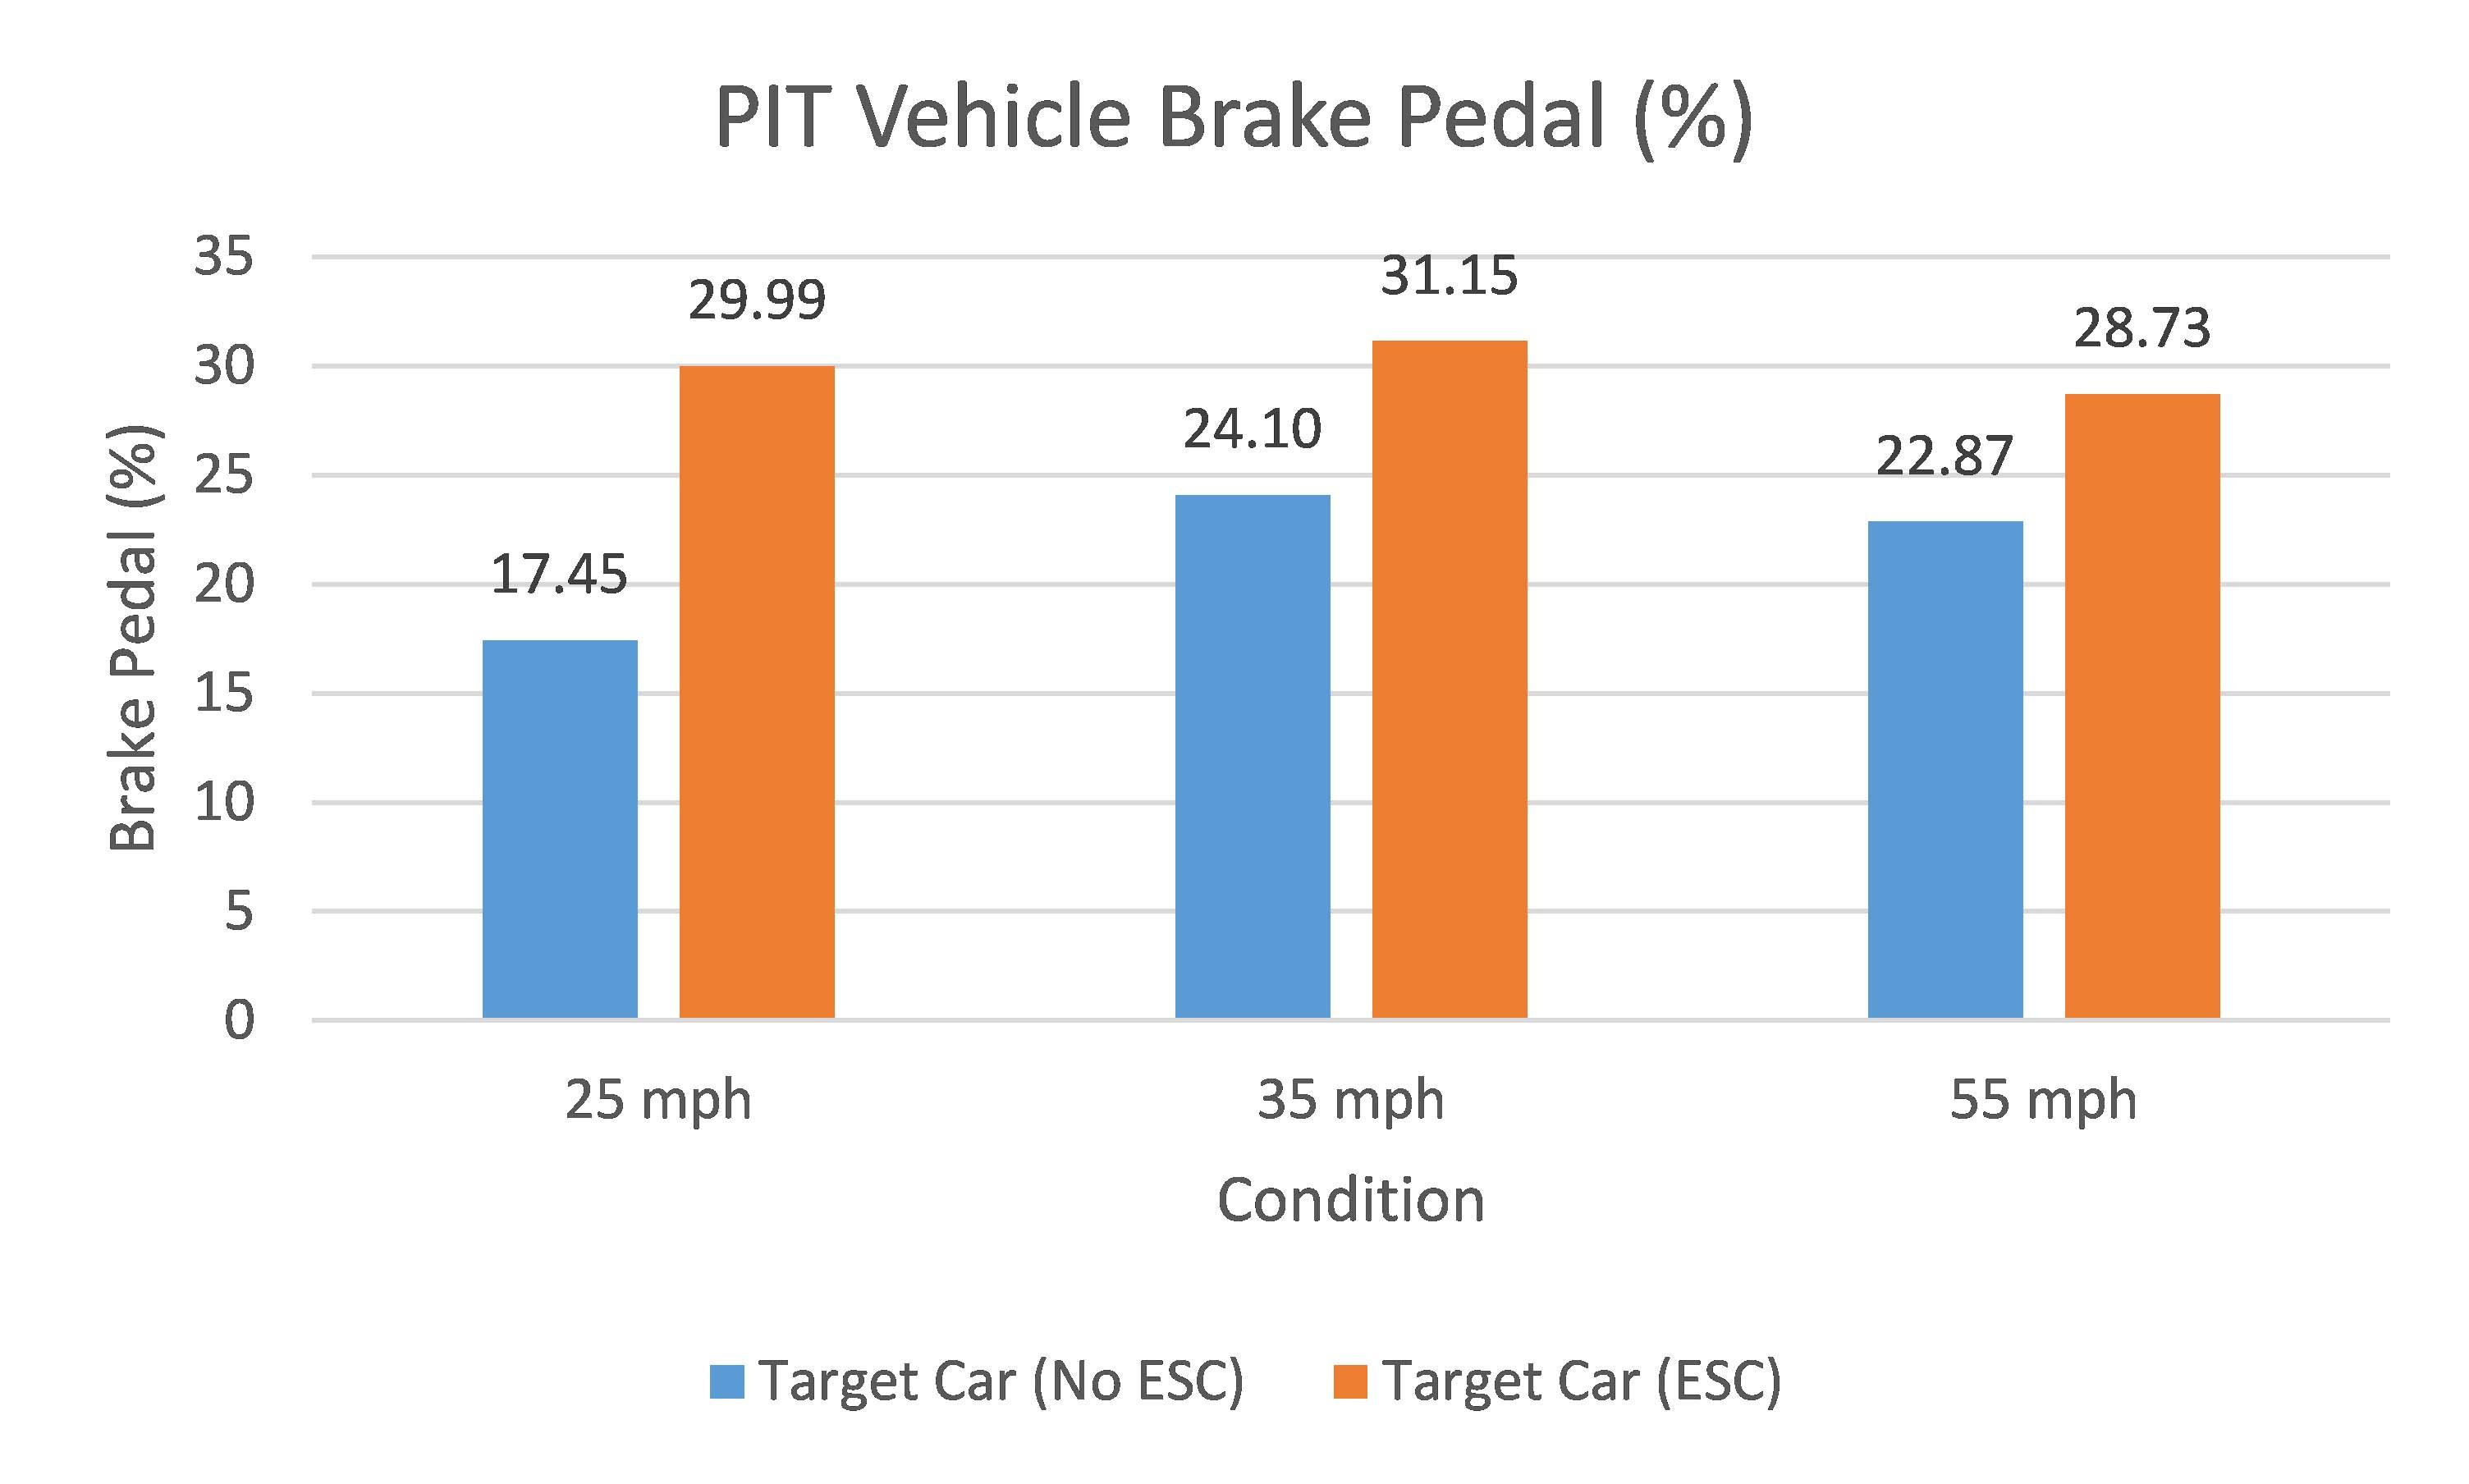 PIT Vehicle Brake Pedal Graph